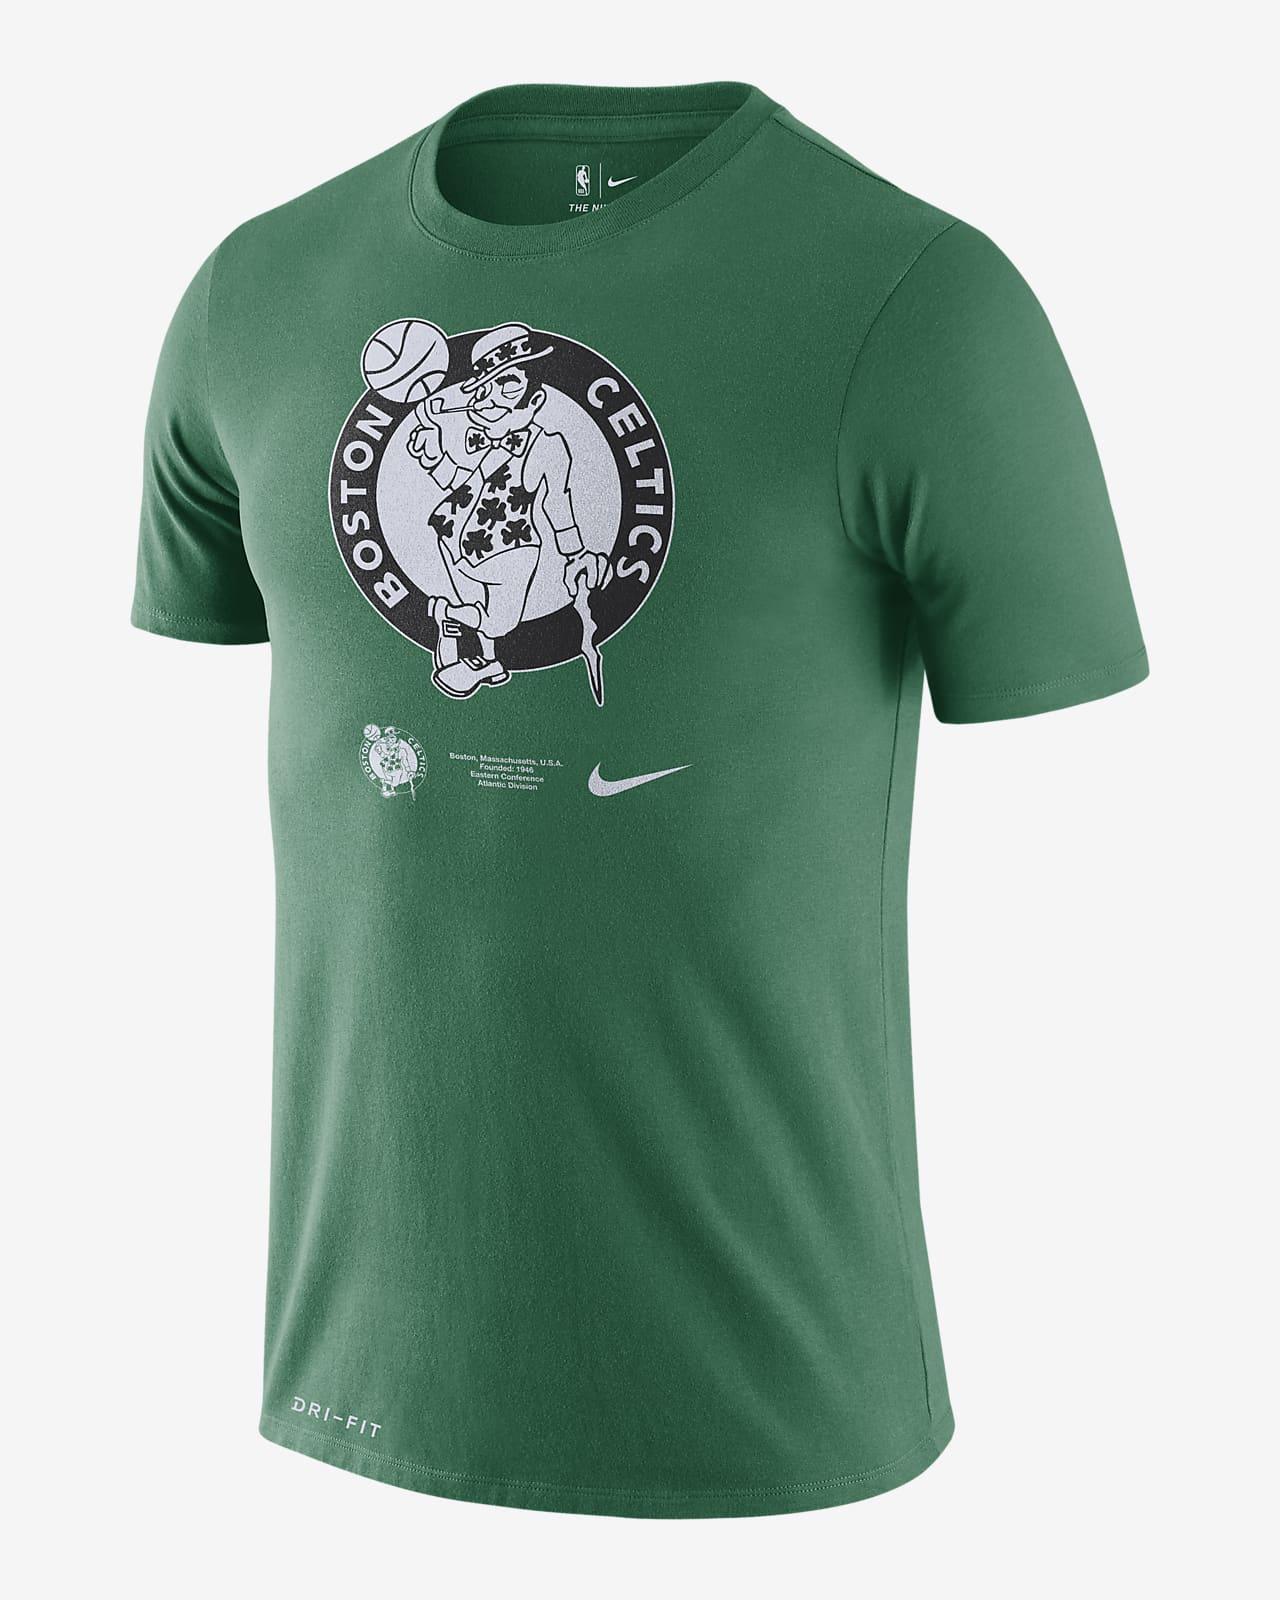 Celtics Logo Men's Nike Dri-FIT NBA T-Shirt